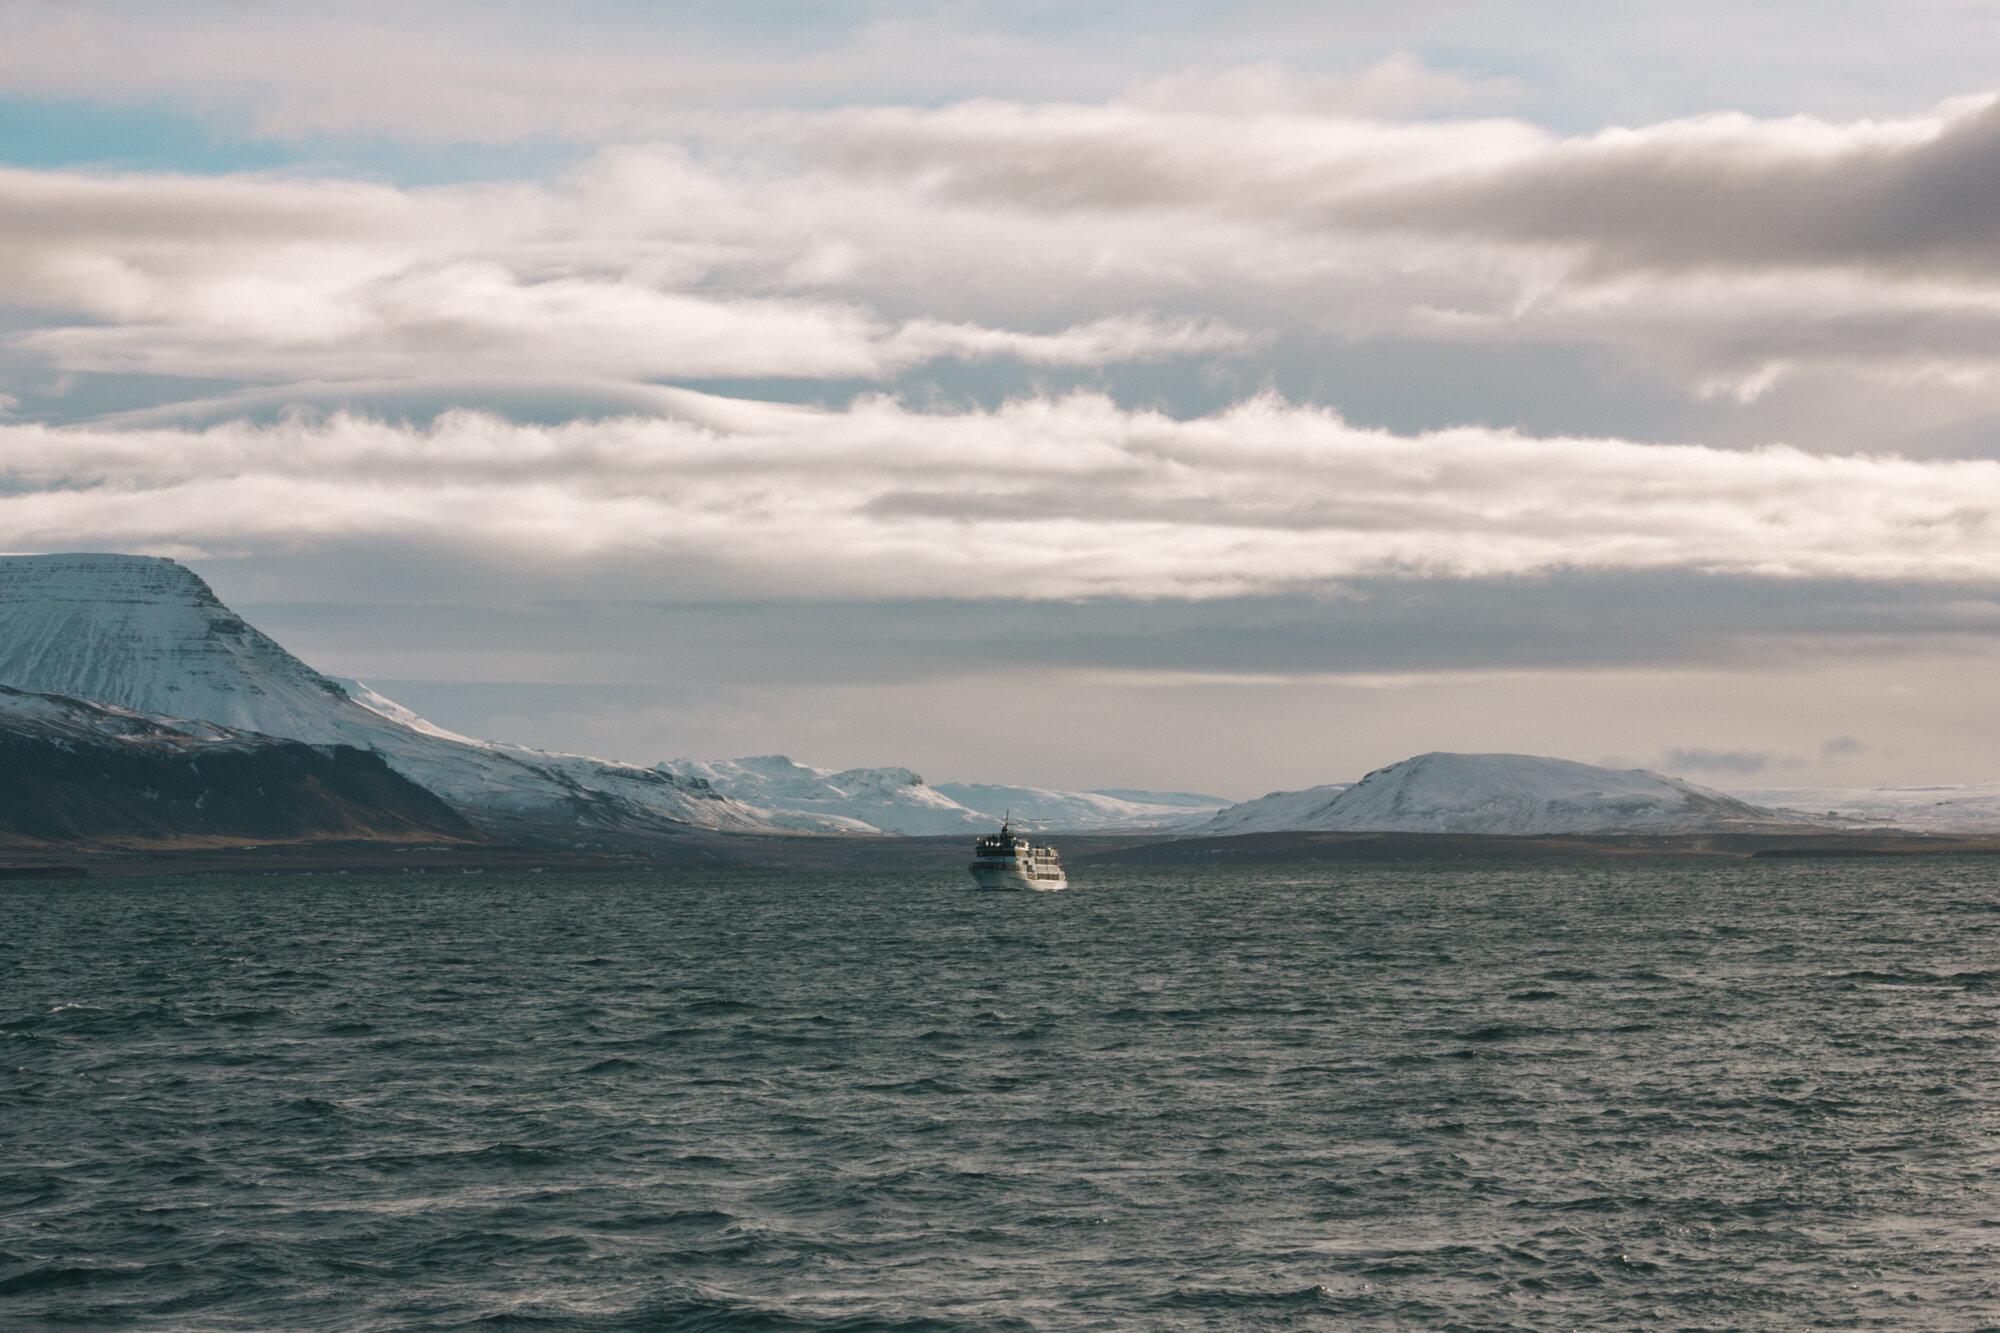 船在格陵兰岛海洋中央,雪山和天空中引人注目的云